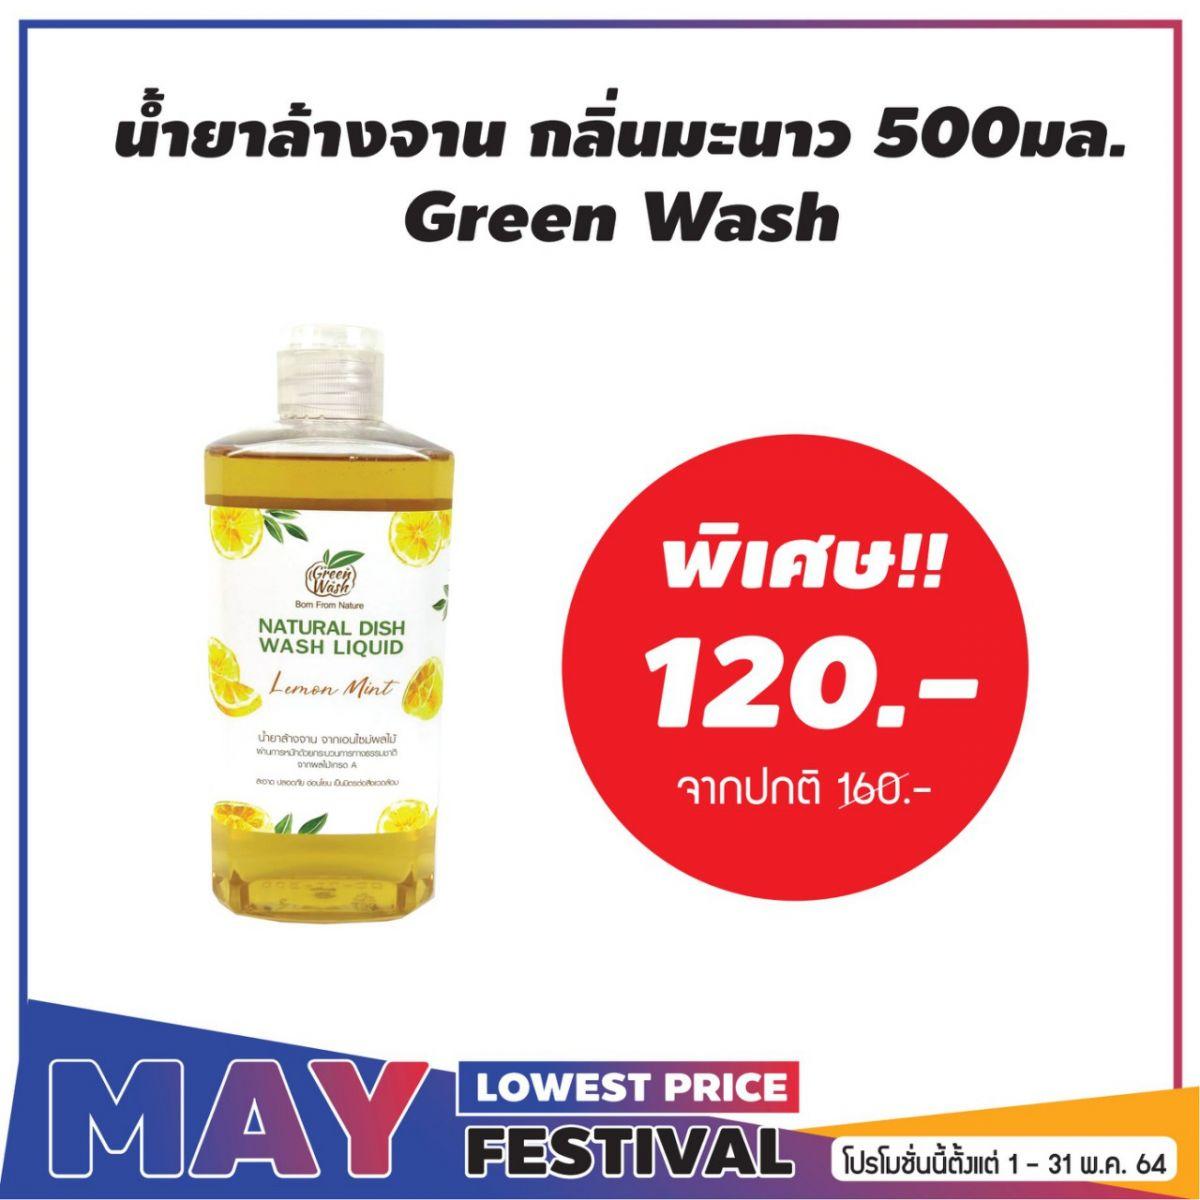 น้ำยาล้างจาน กลิ่นมะนาว 500มล. Green Wash